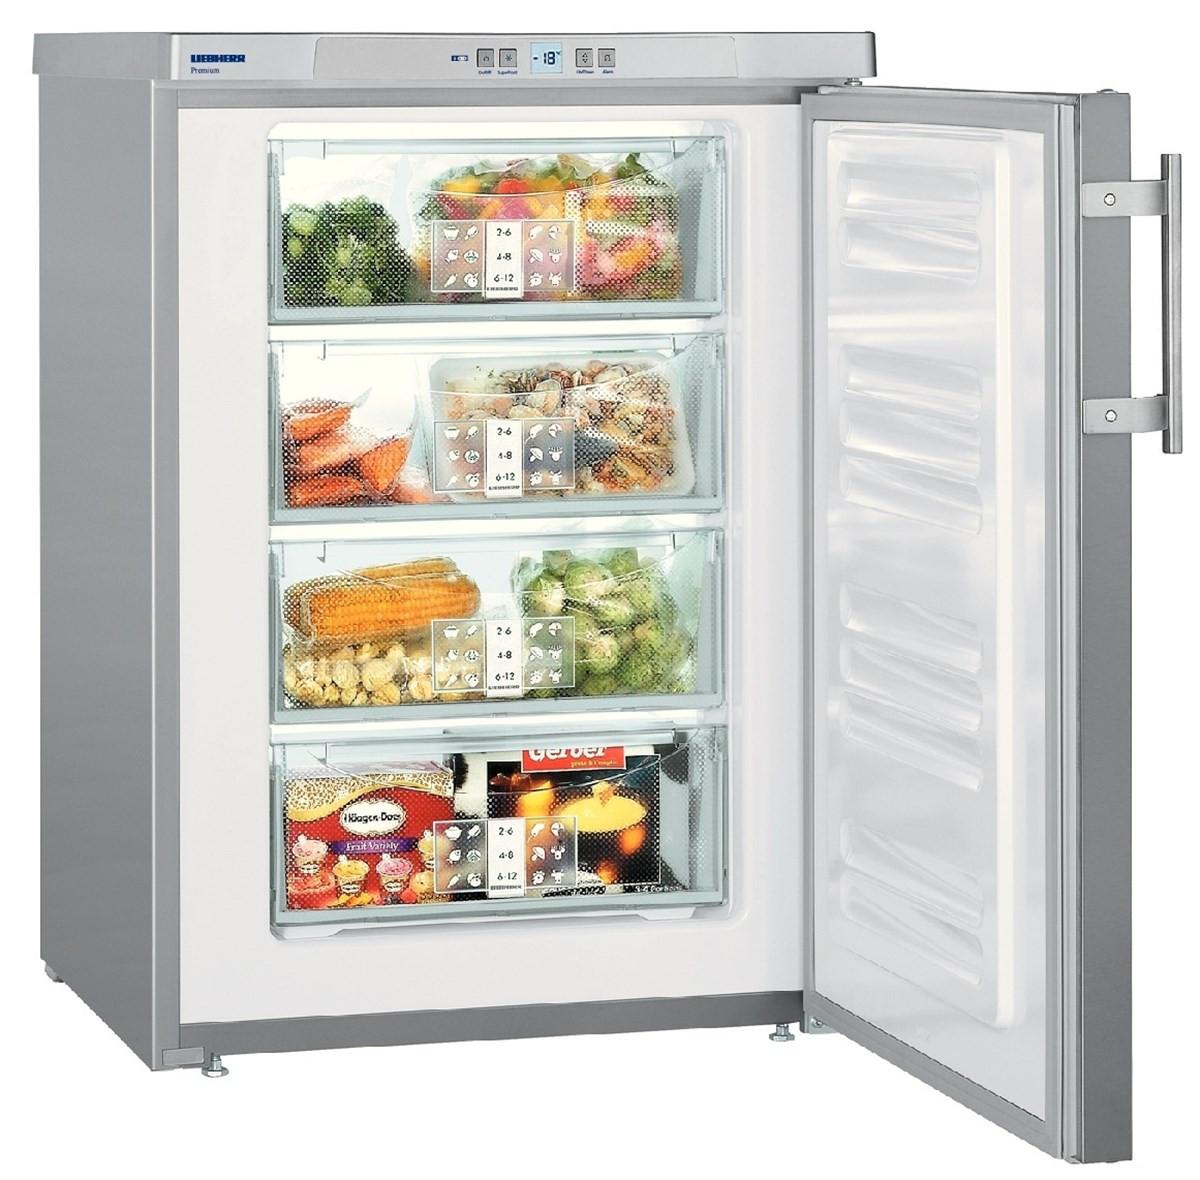 Liebherr GPesf 1476 Premium SmartFrost Silver Freezer